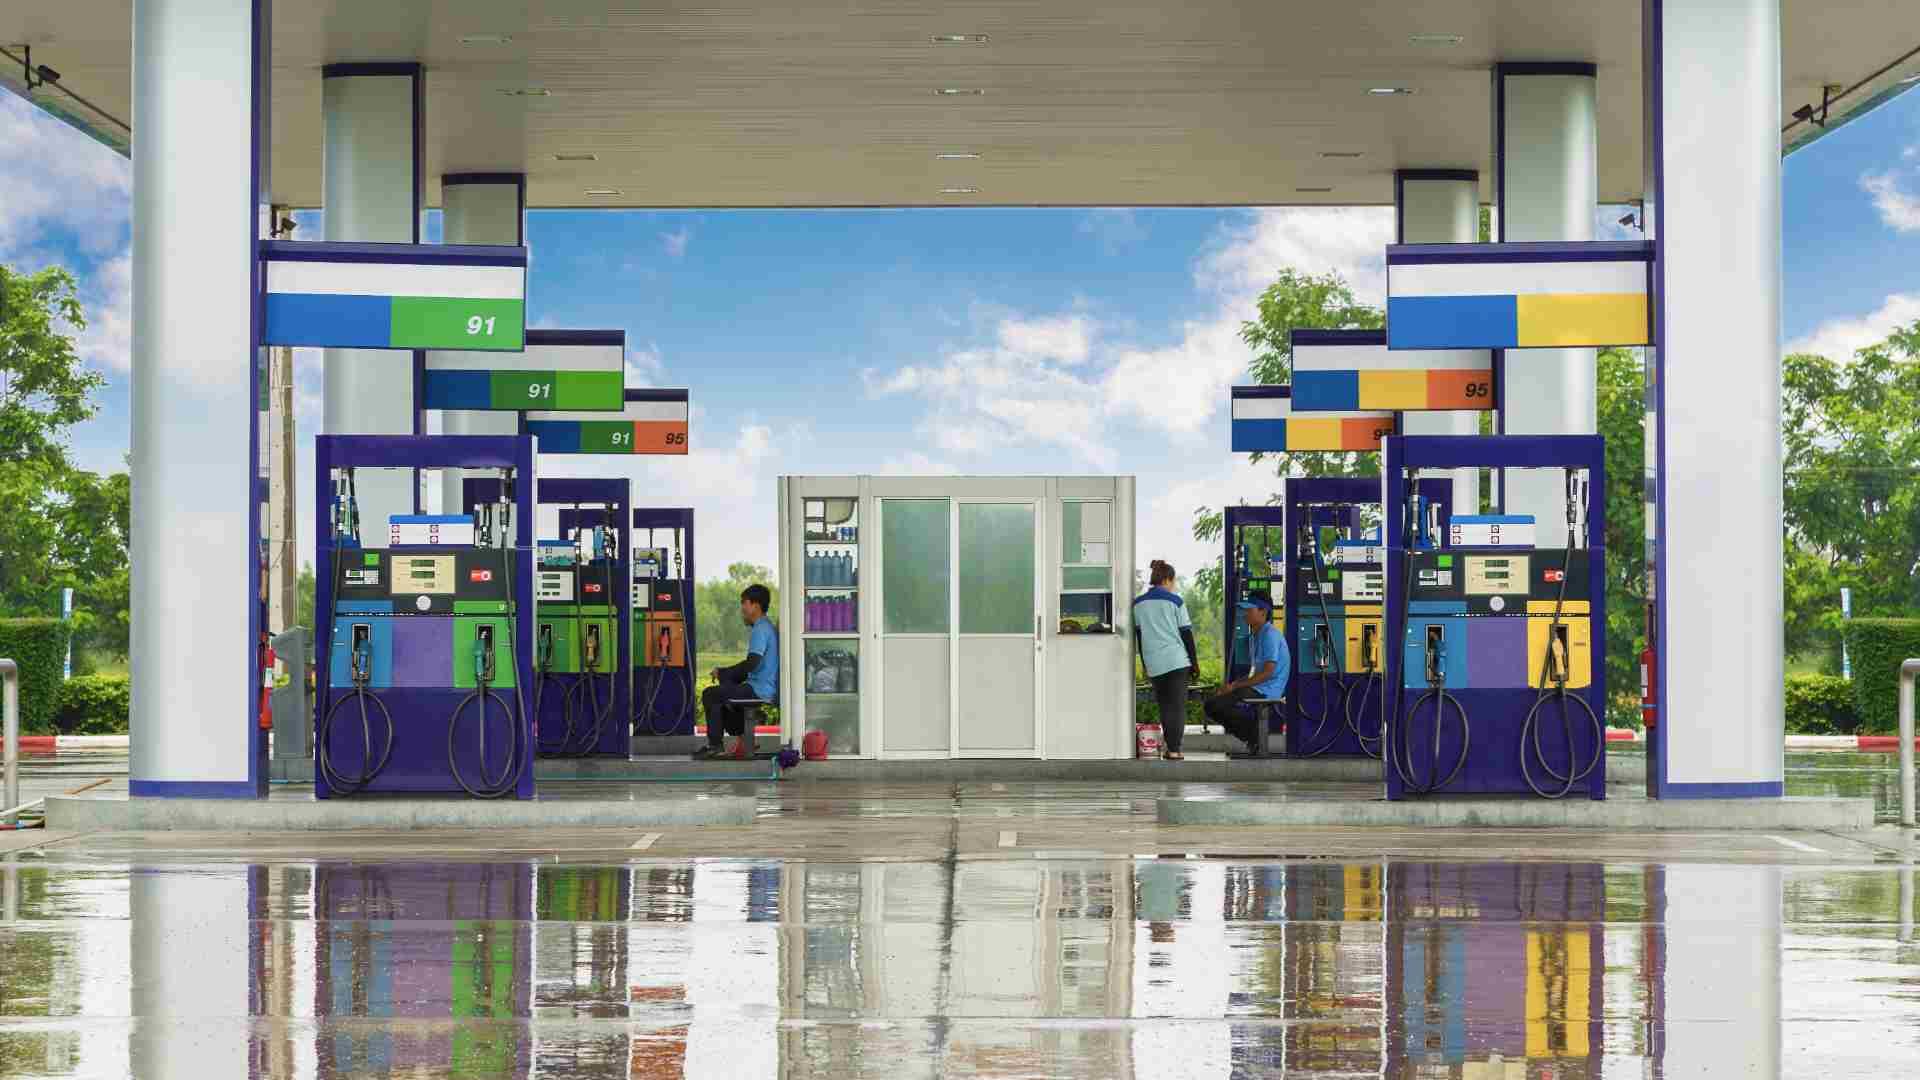 7 ideias inspiradoras para vender mais no posto de gasolina